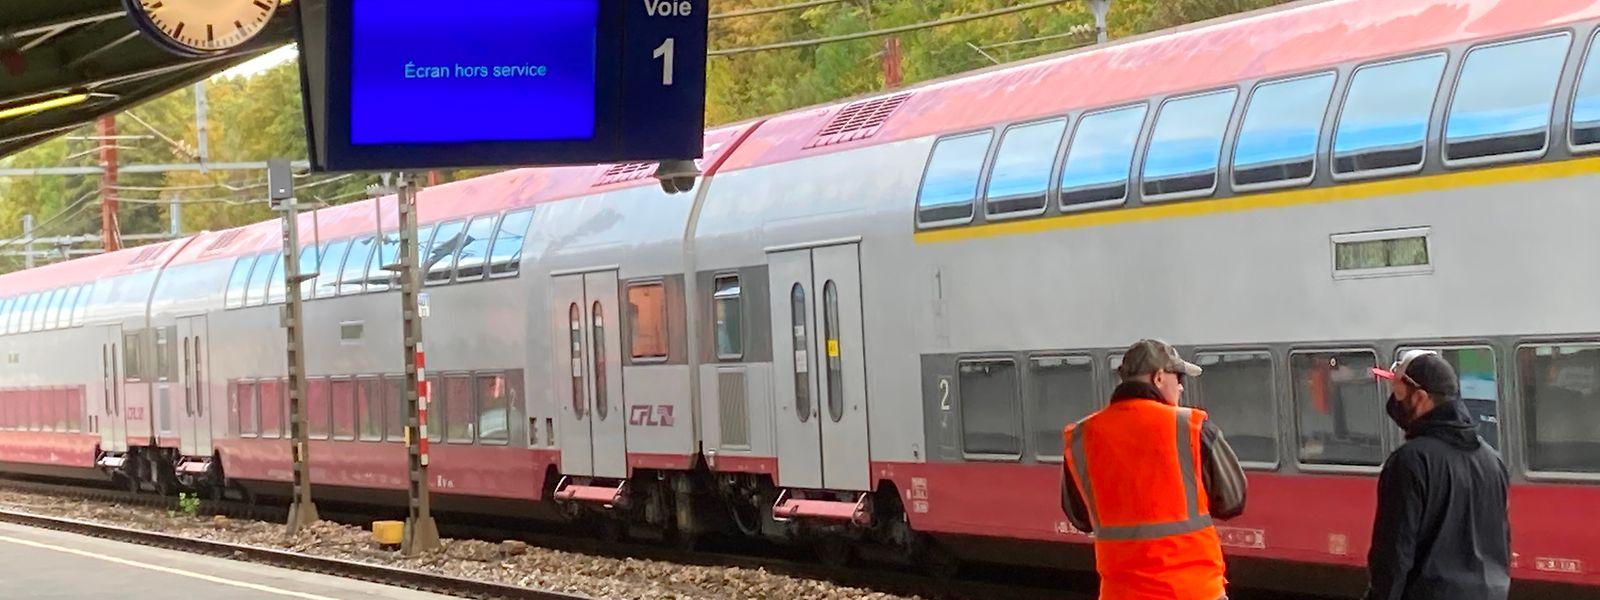 Les 60 trains quotidiens entre Esch et Audun ne sont pas suffisamment fréquentés et posent problème dans la circulation.